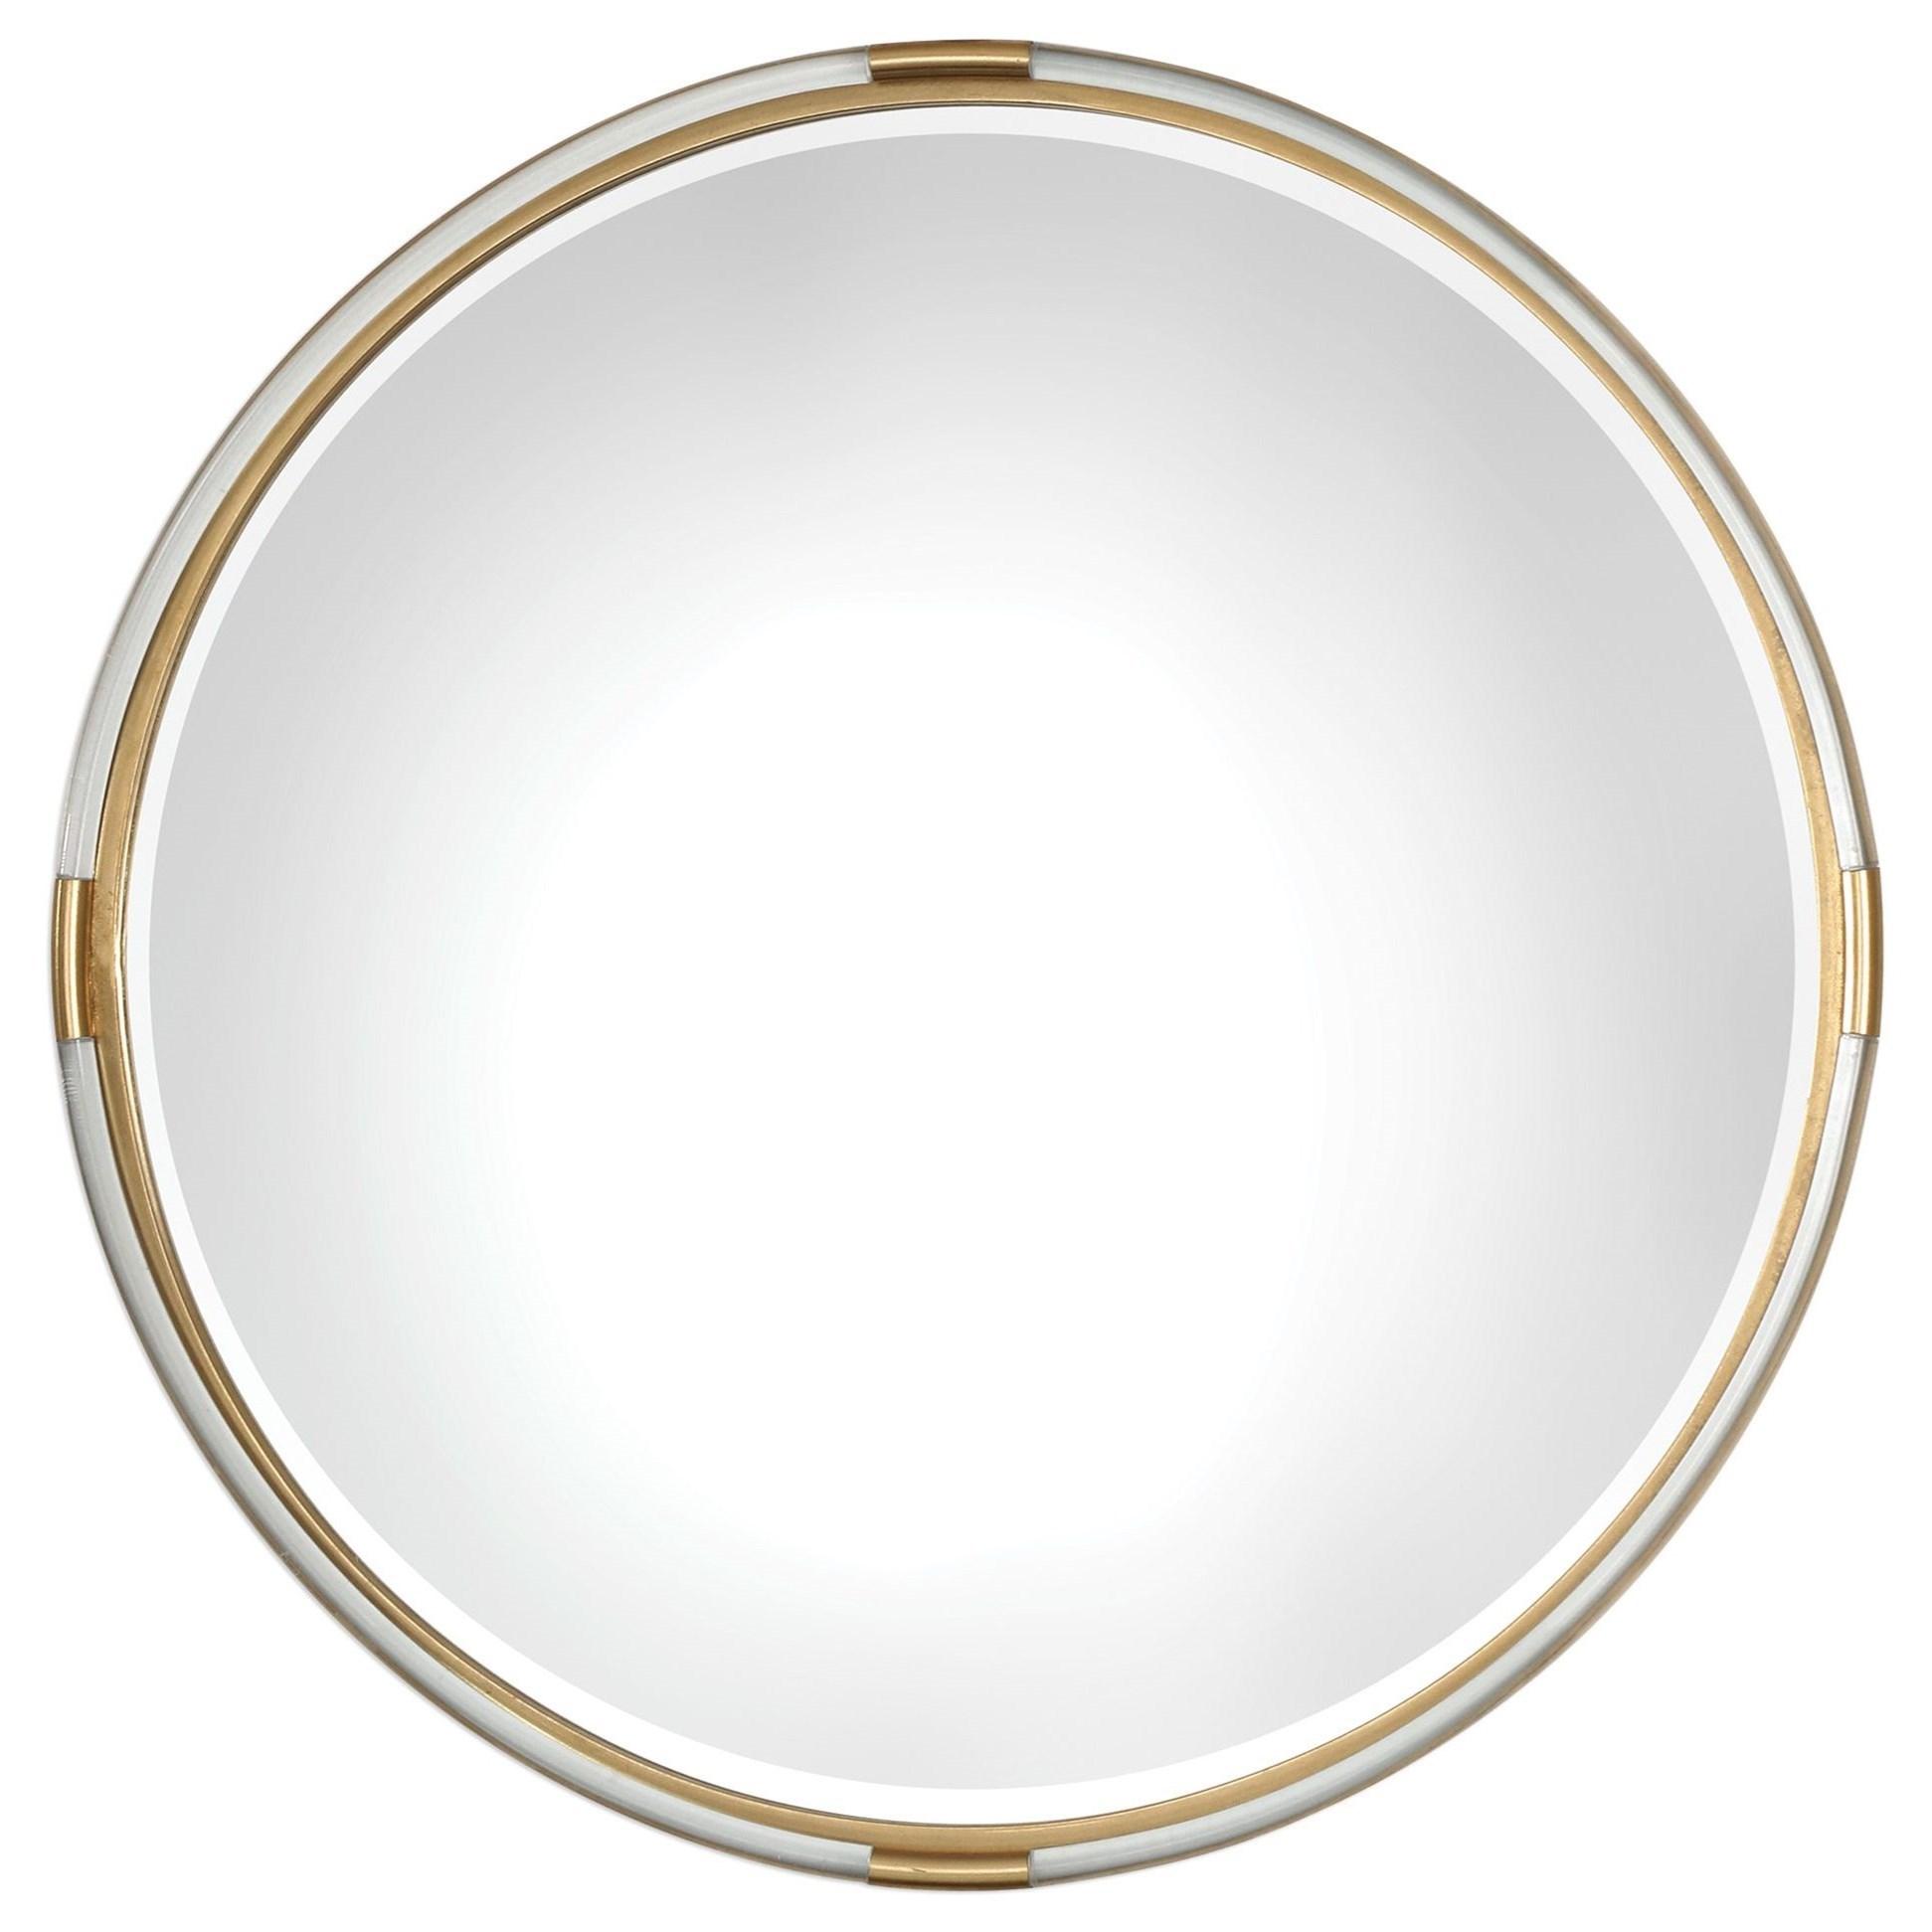 Mirrors - Round Mackai Round Gold Mirror by Uttermost at Mueller Furniture